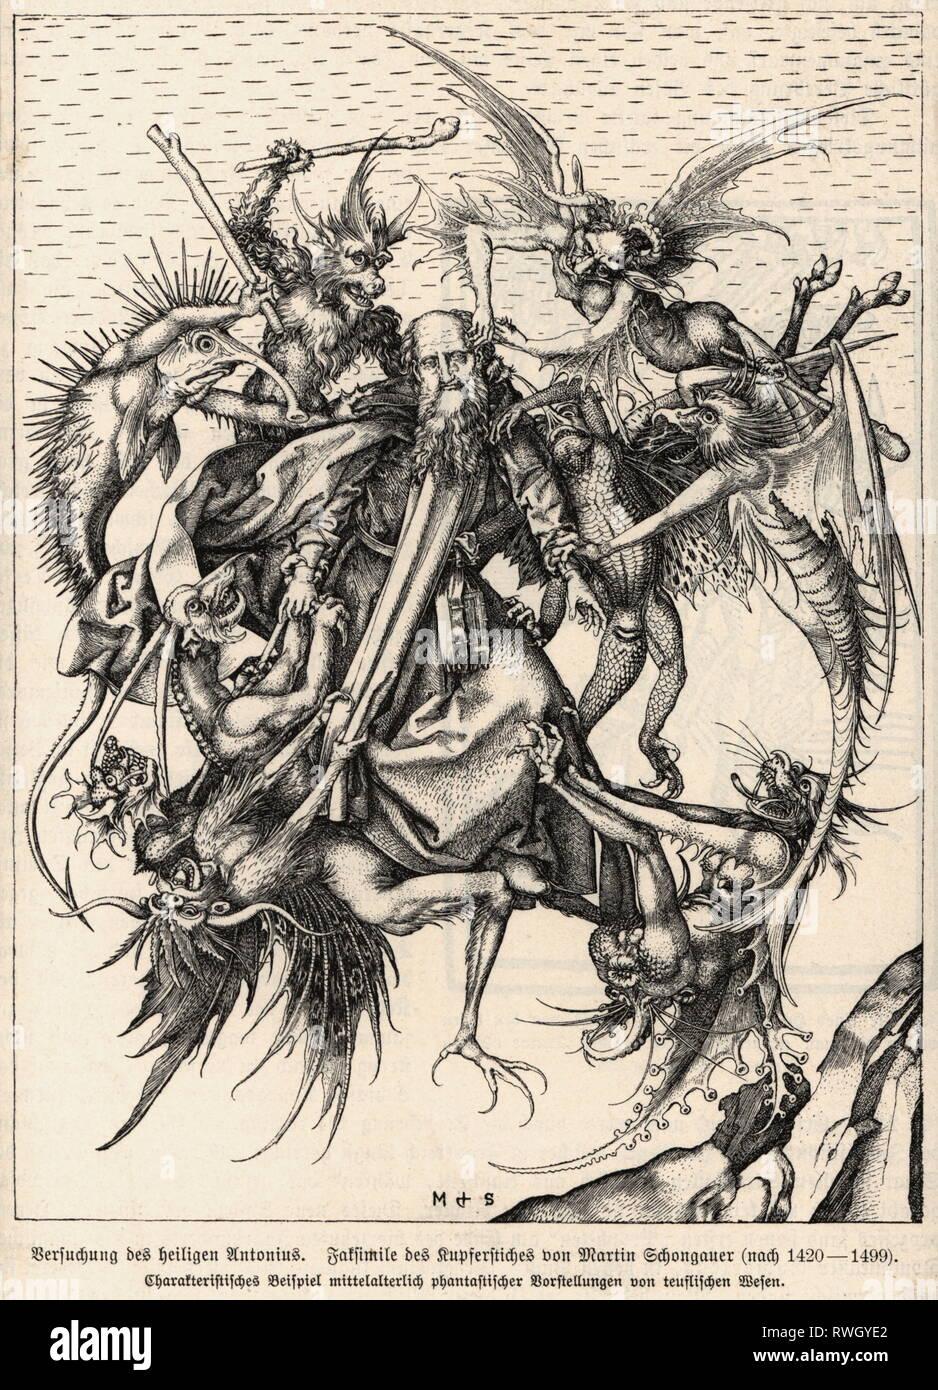 """Anthony les 'grandes', vers 251 - vers 353, Saint égyptien, pleine longueur, """"La Tentation de Saint Antoine"""", gravure sur cuivre par Martin Schongau, vers 1470 - 1475, l'artiste n'a pas d'auteur pour être effacé Photo Stock"""